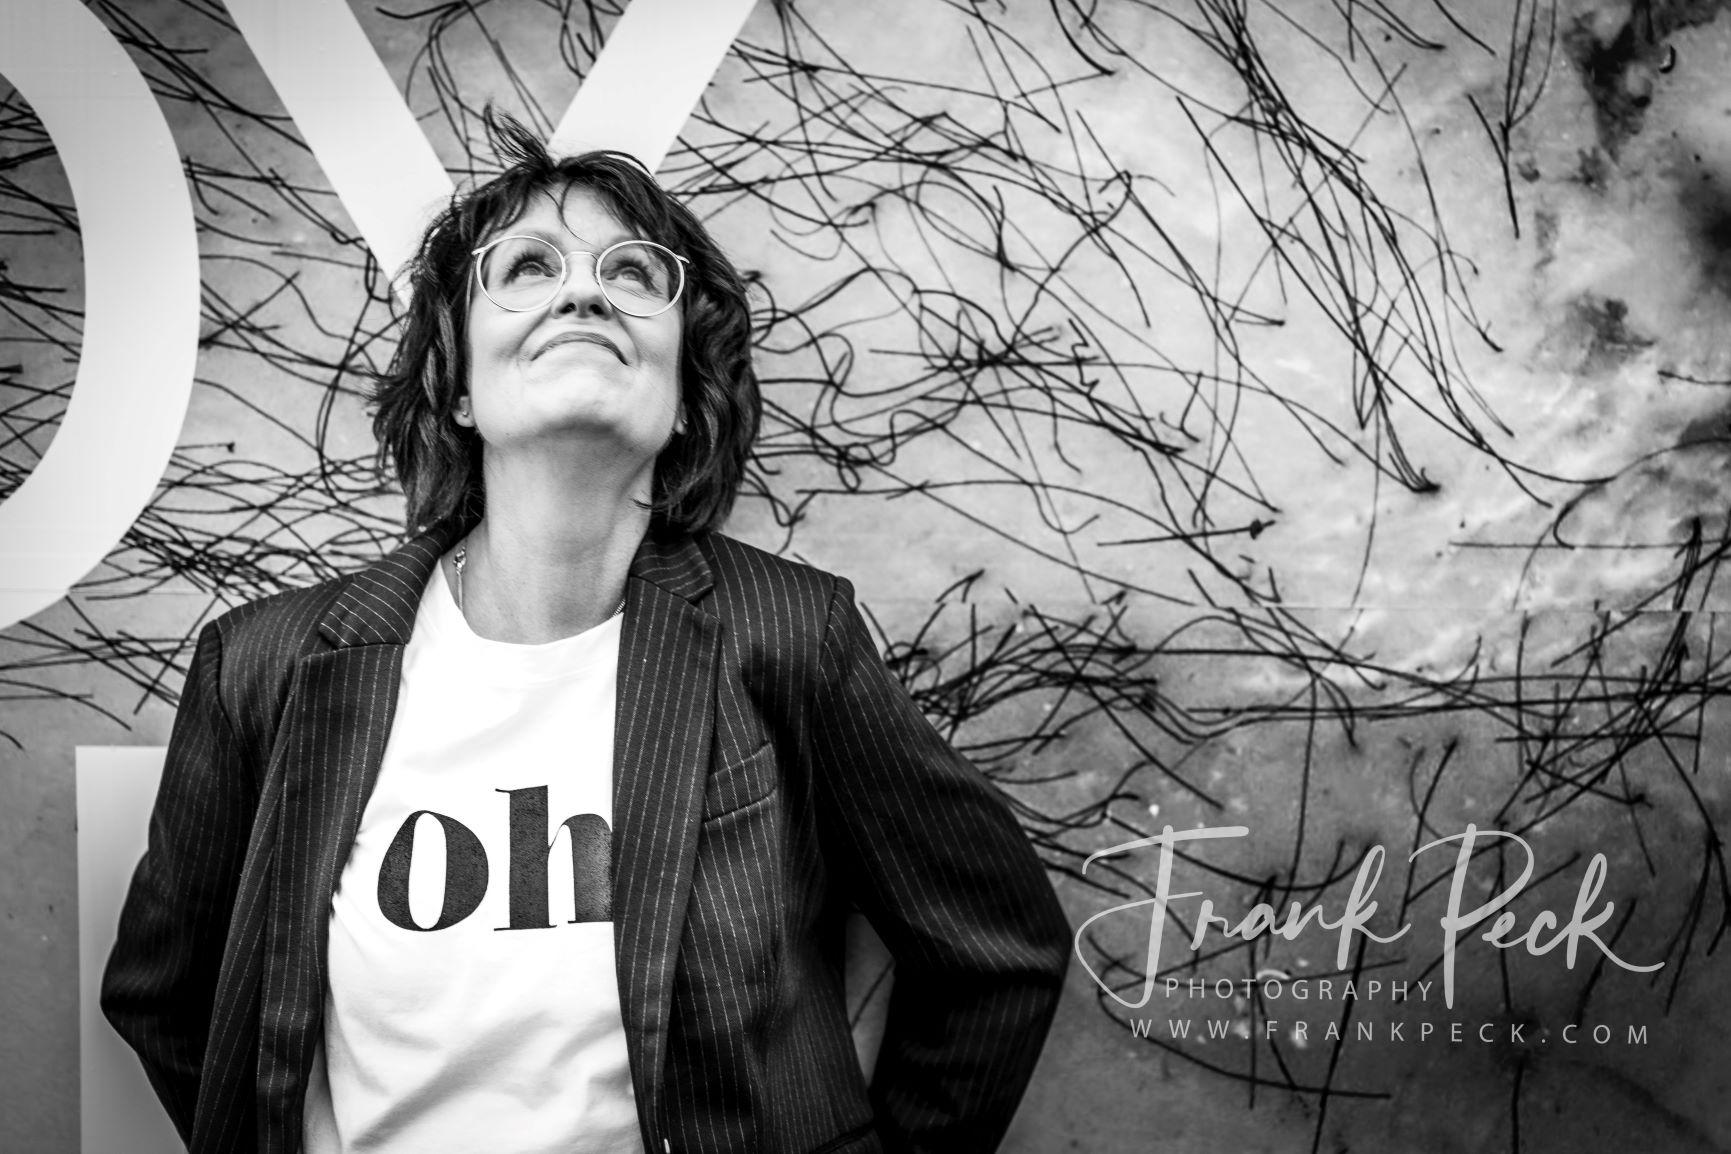 Eva's Geständnisse Nr. 25: Meine sehnlichst erwünschte Berufs-Vision wird wahr – ich bin glücklich